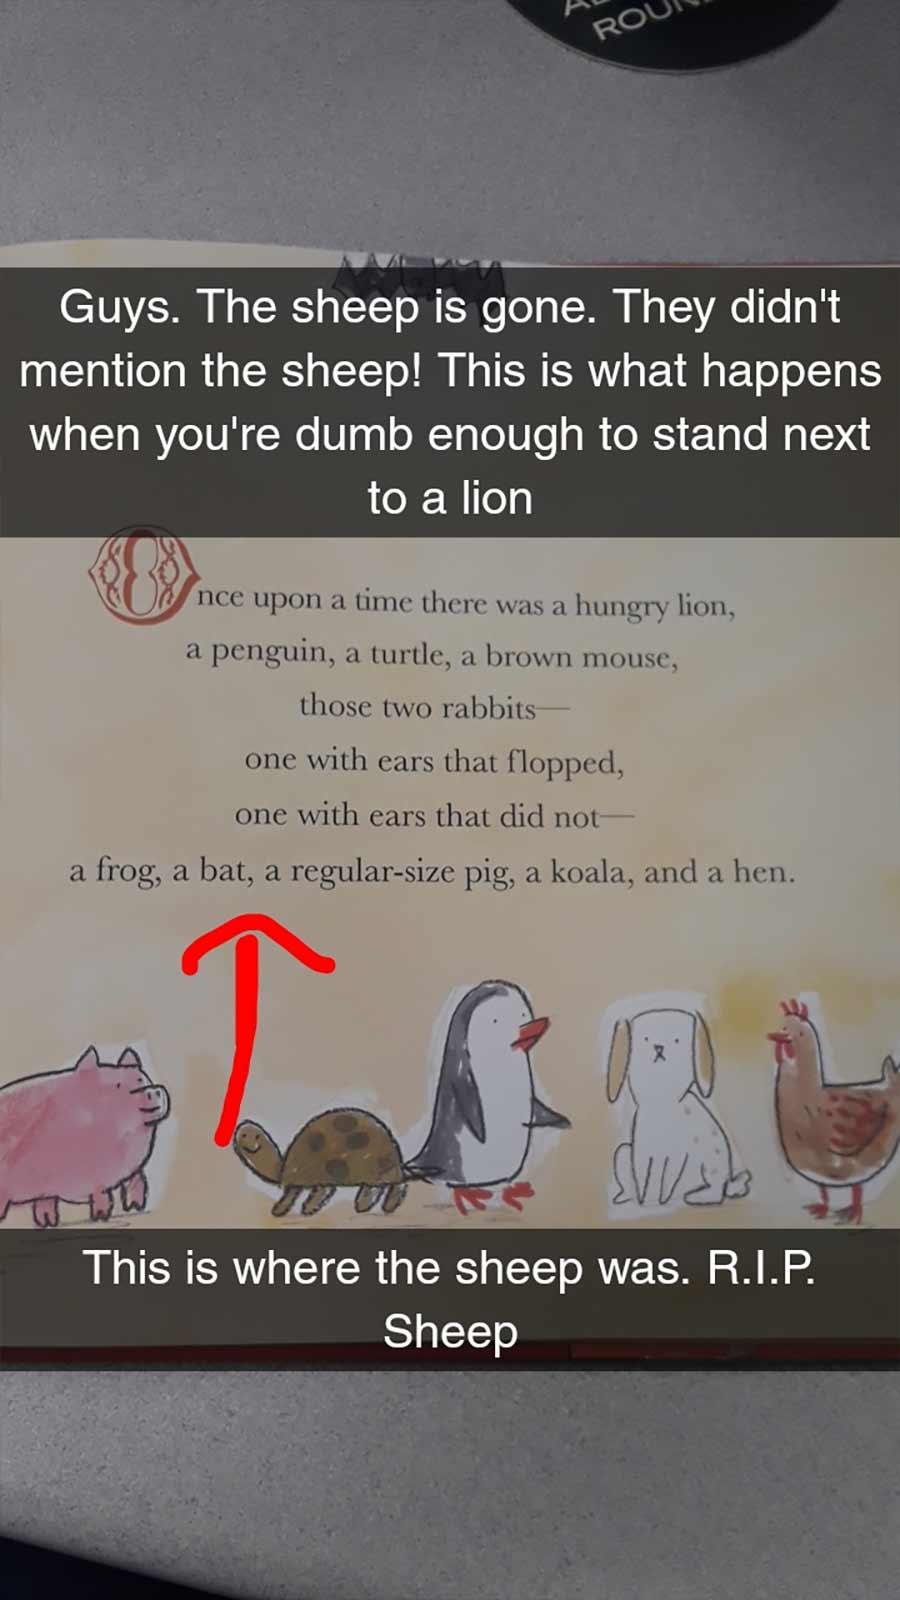 Erwachsene rezensiert Kinderbuch auf erfrischende Art A-Hungry-Lion-or-A-Dwindling-Assortment-of-Animals_05